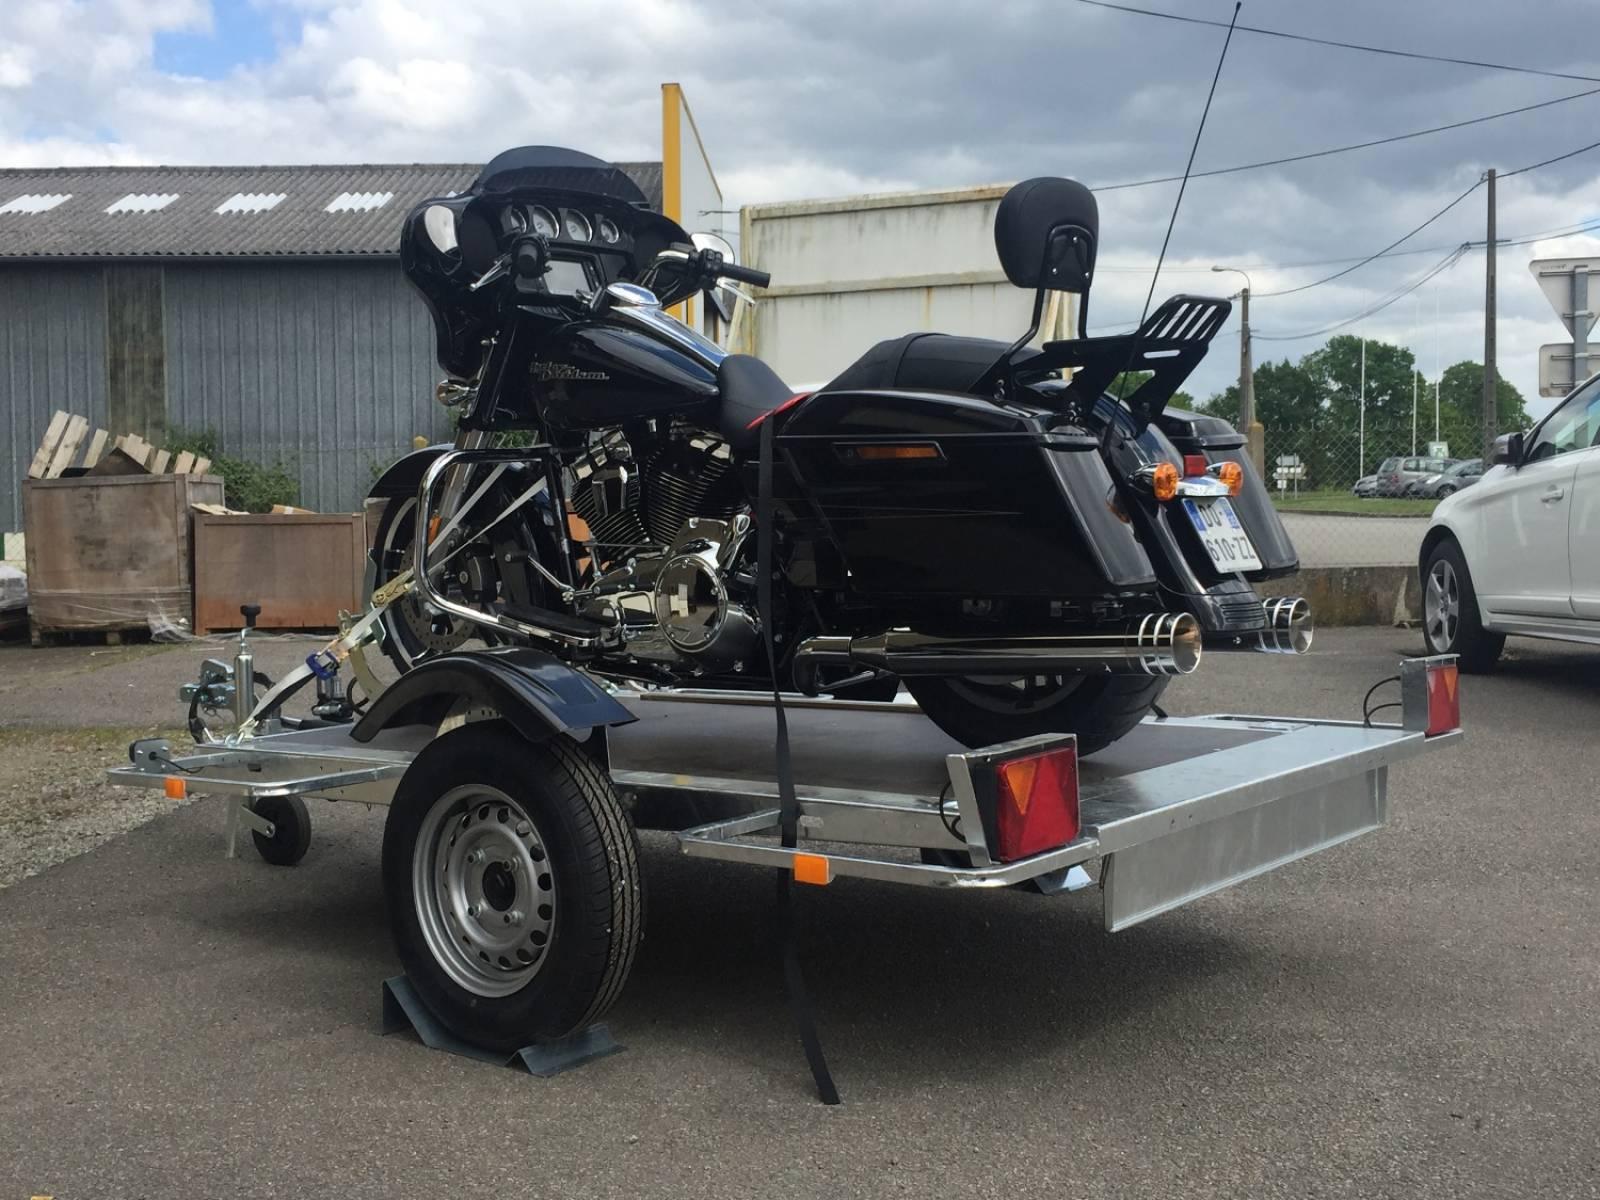 Transporter votre moto dans tout le pays de la loire avec - Remorque porte moto grosse cylindree ...